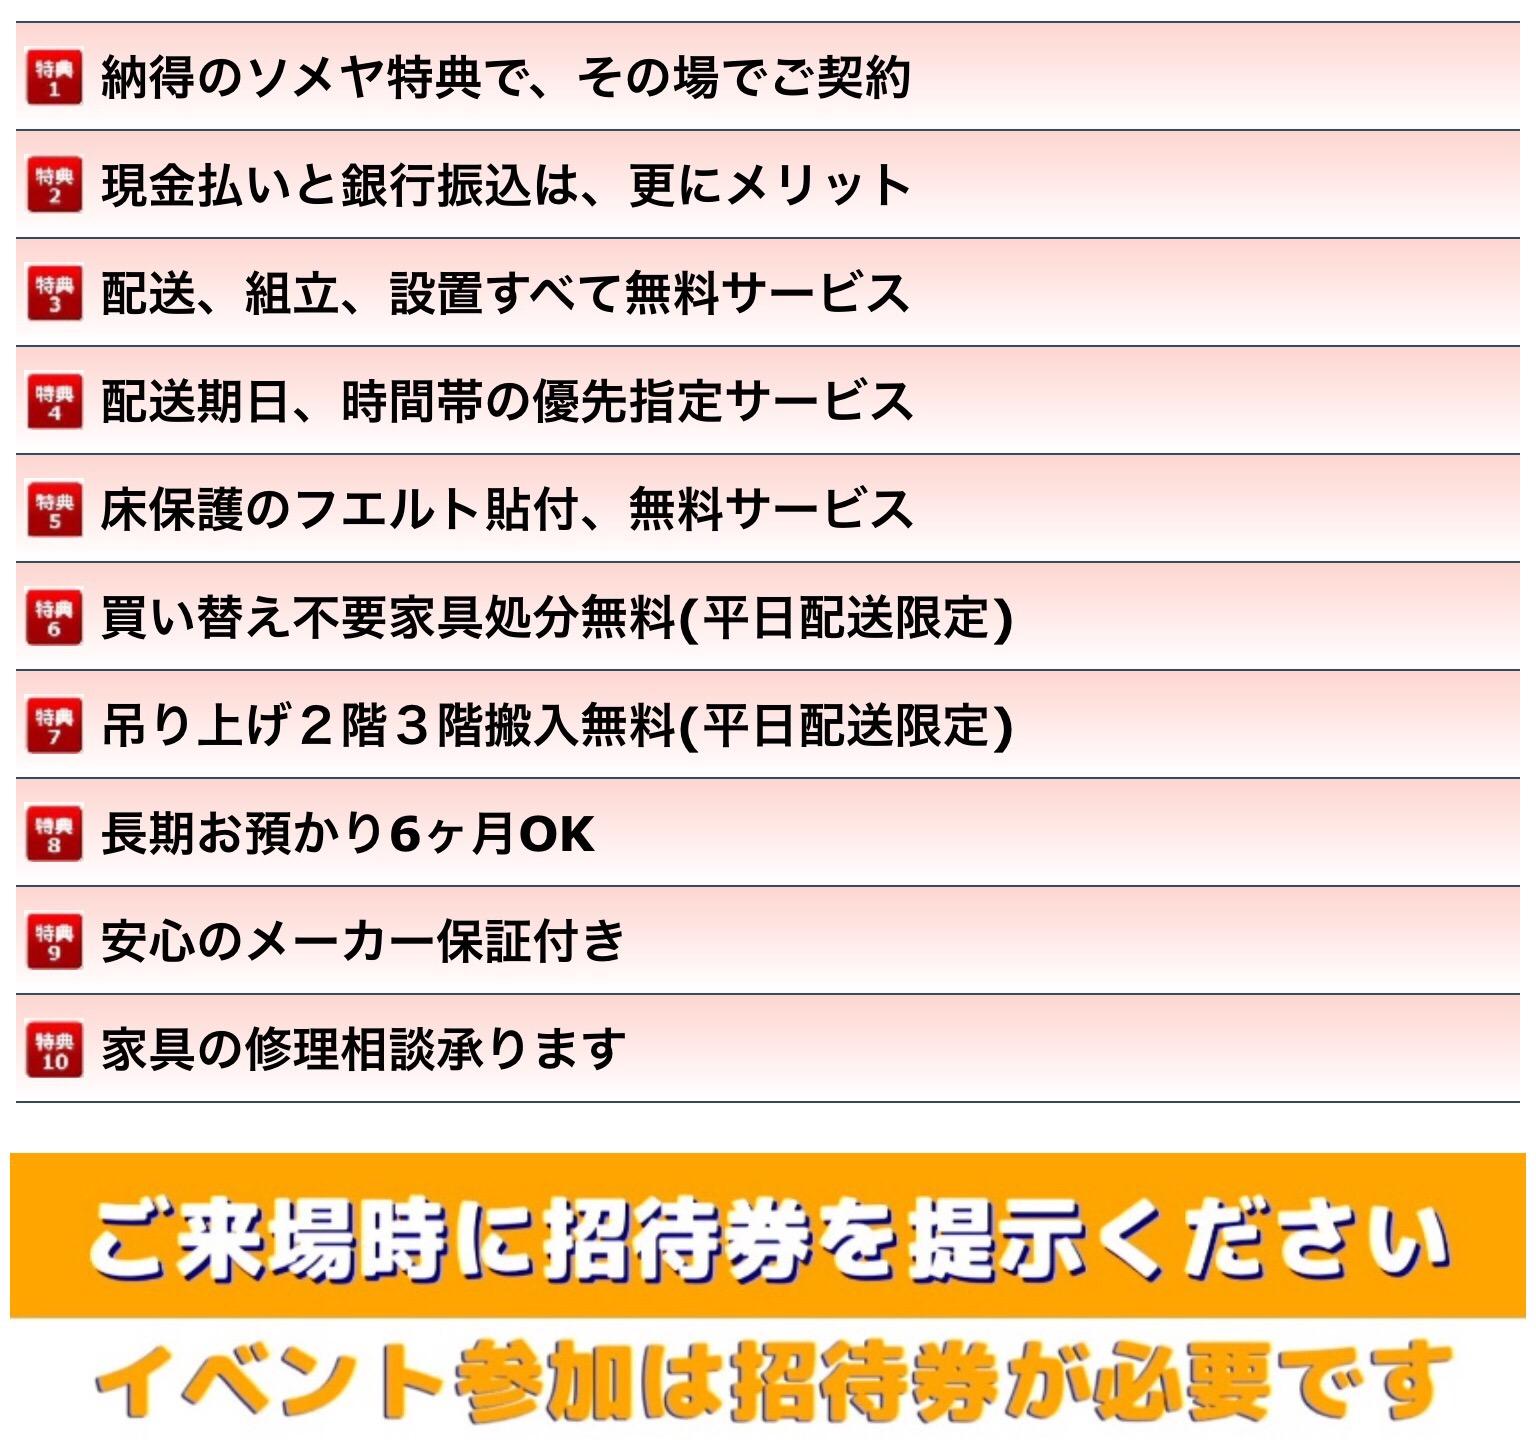 カリモク新横浜イベント10大特典